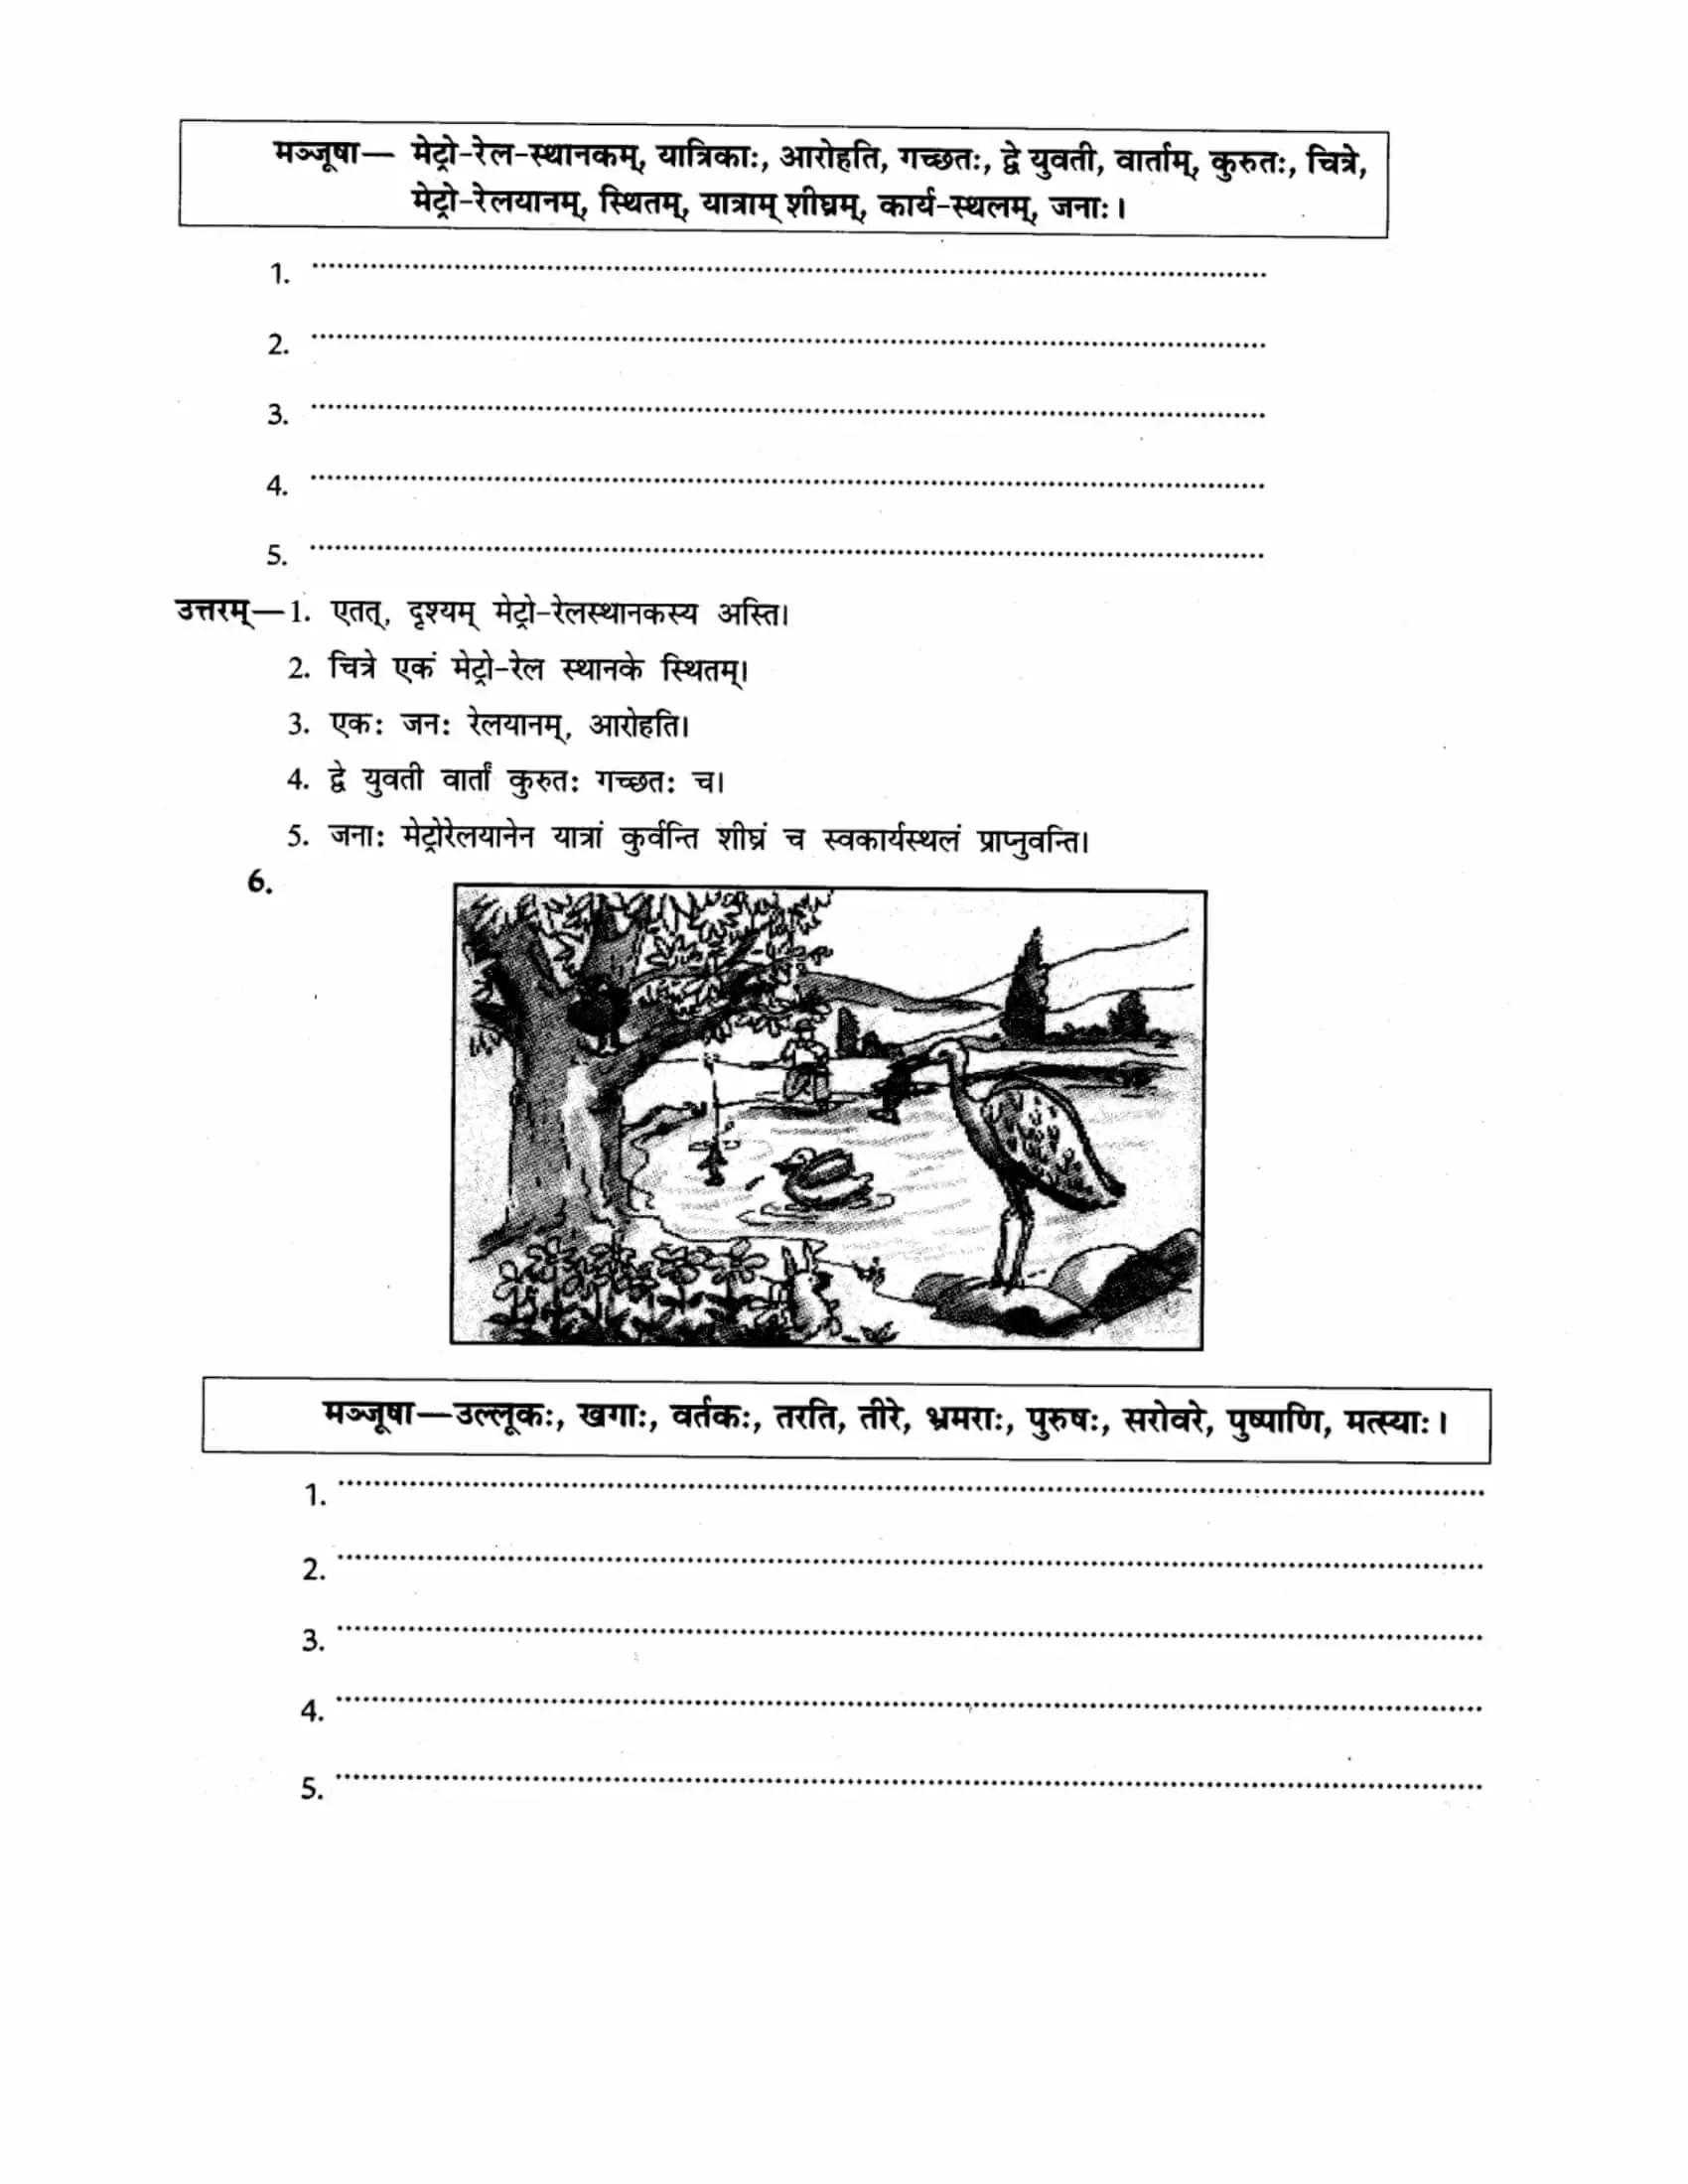 NCERT Solutions For Class 9 Sanskrit Abhyaswaan Bhav Chapter 3